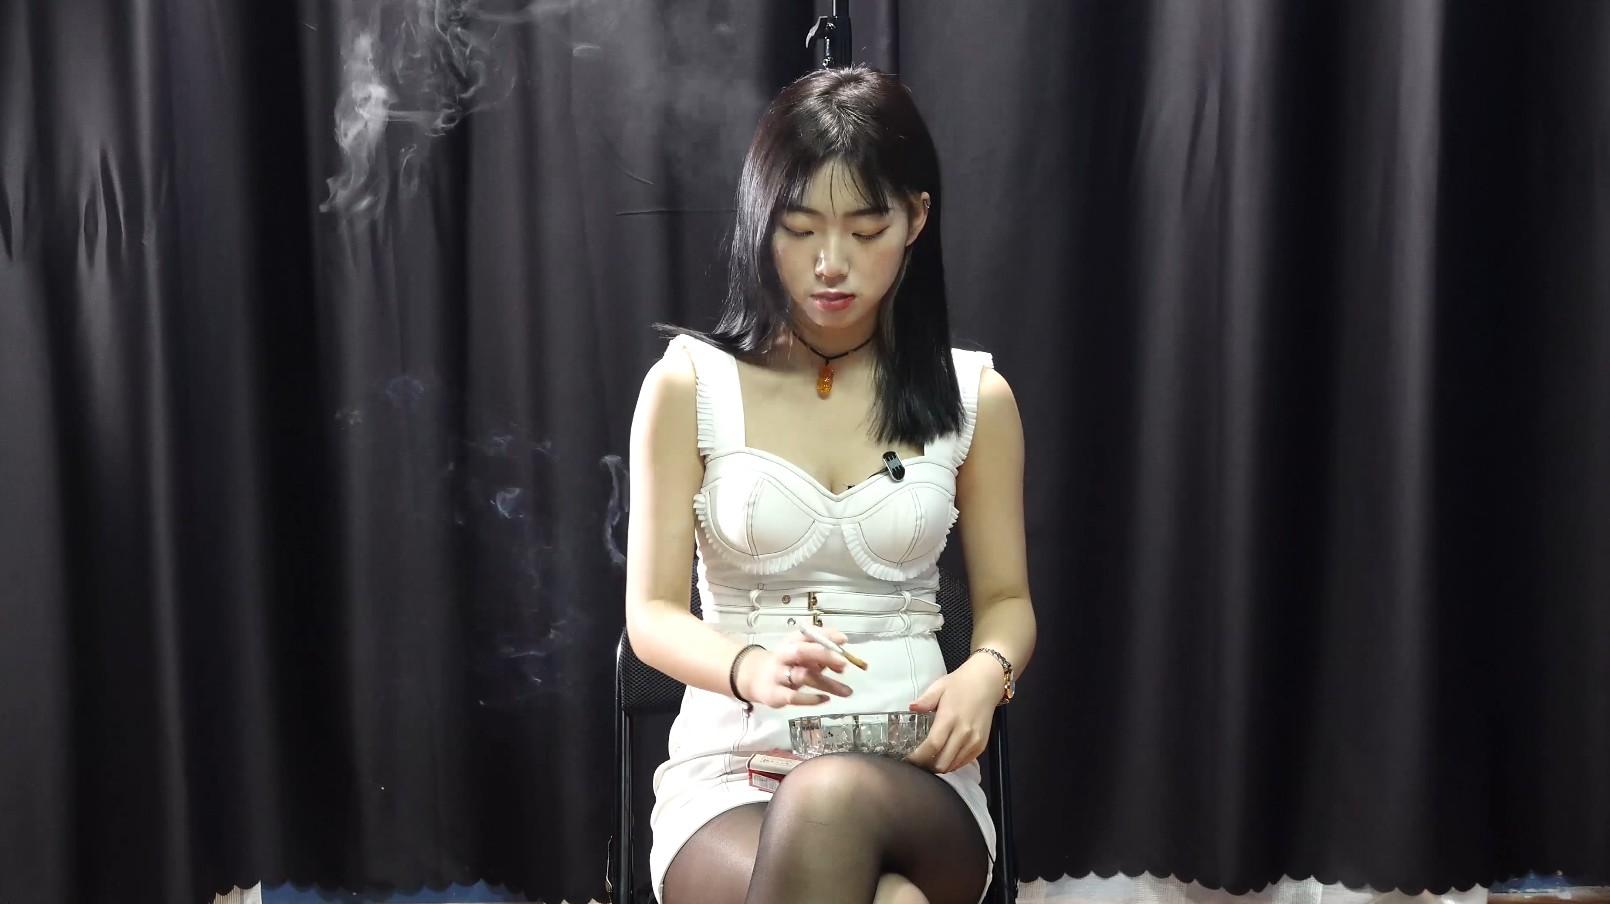 黑丝小姐姐抽烟玩游戏(4根烟)